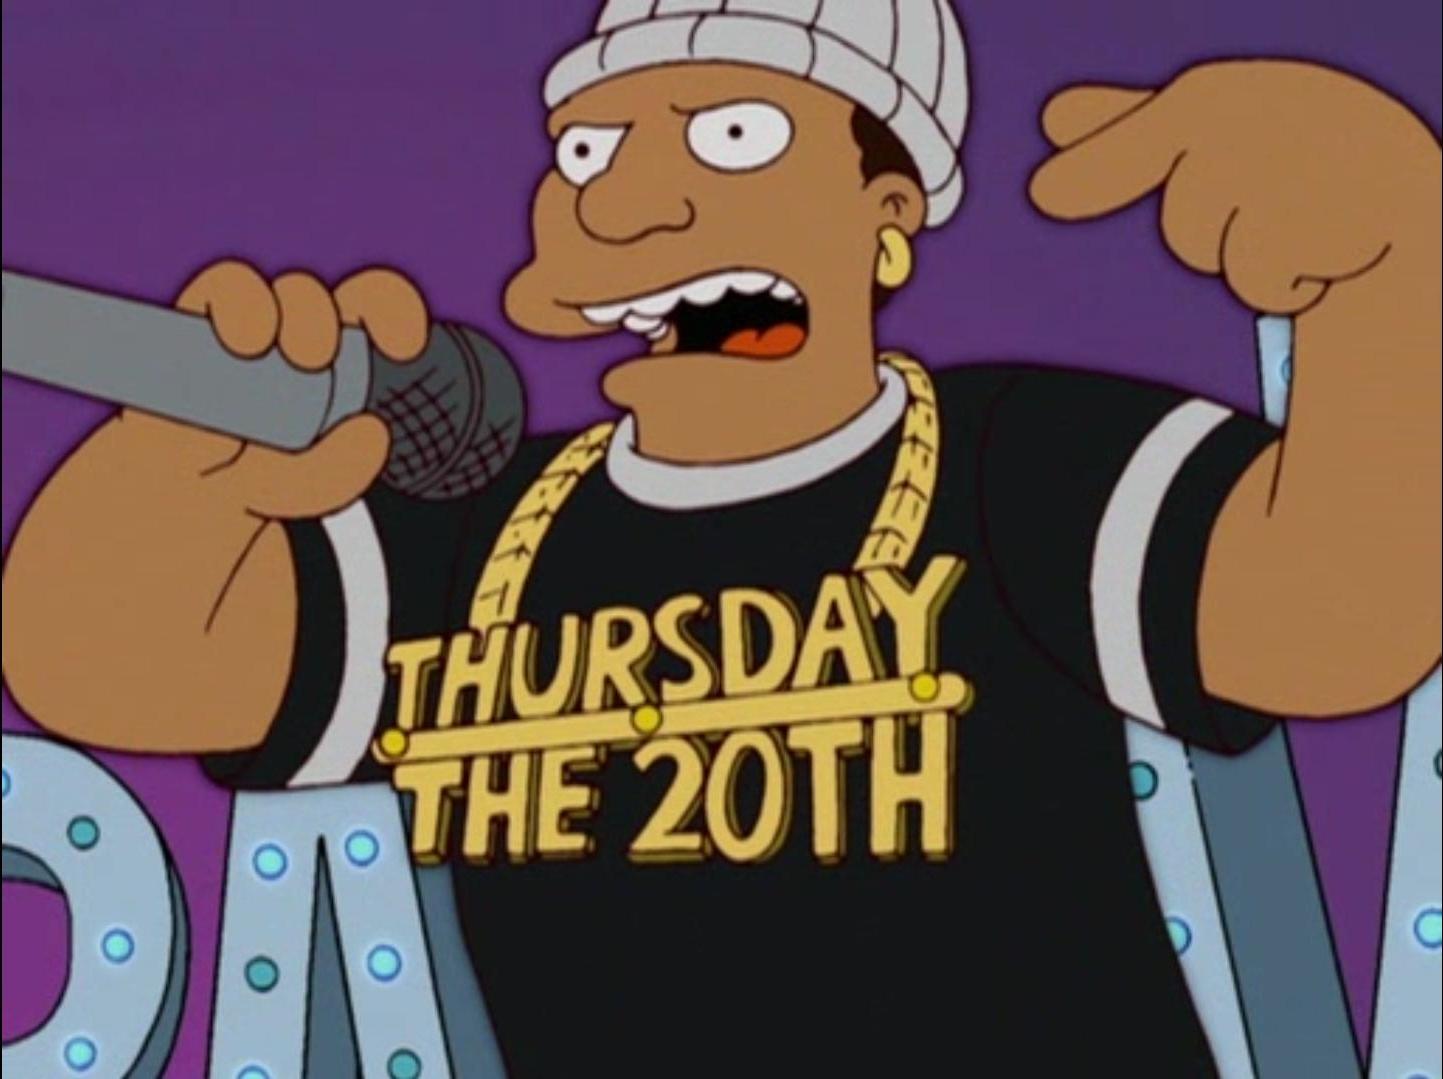 Thursday The 20th